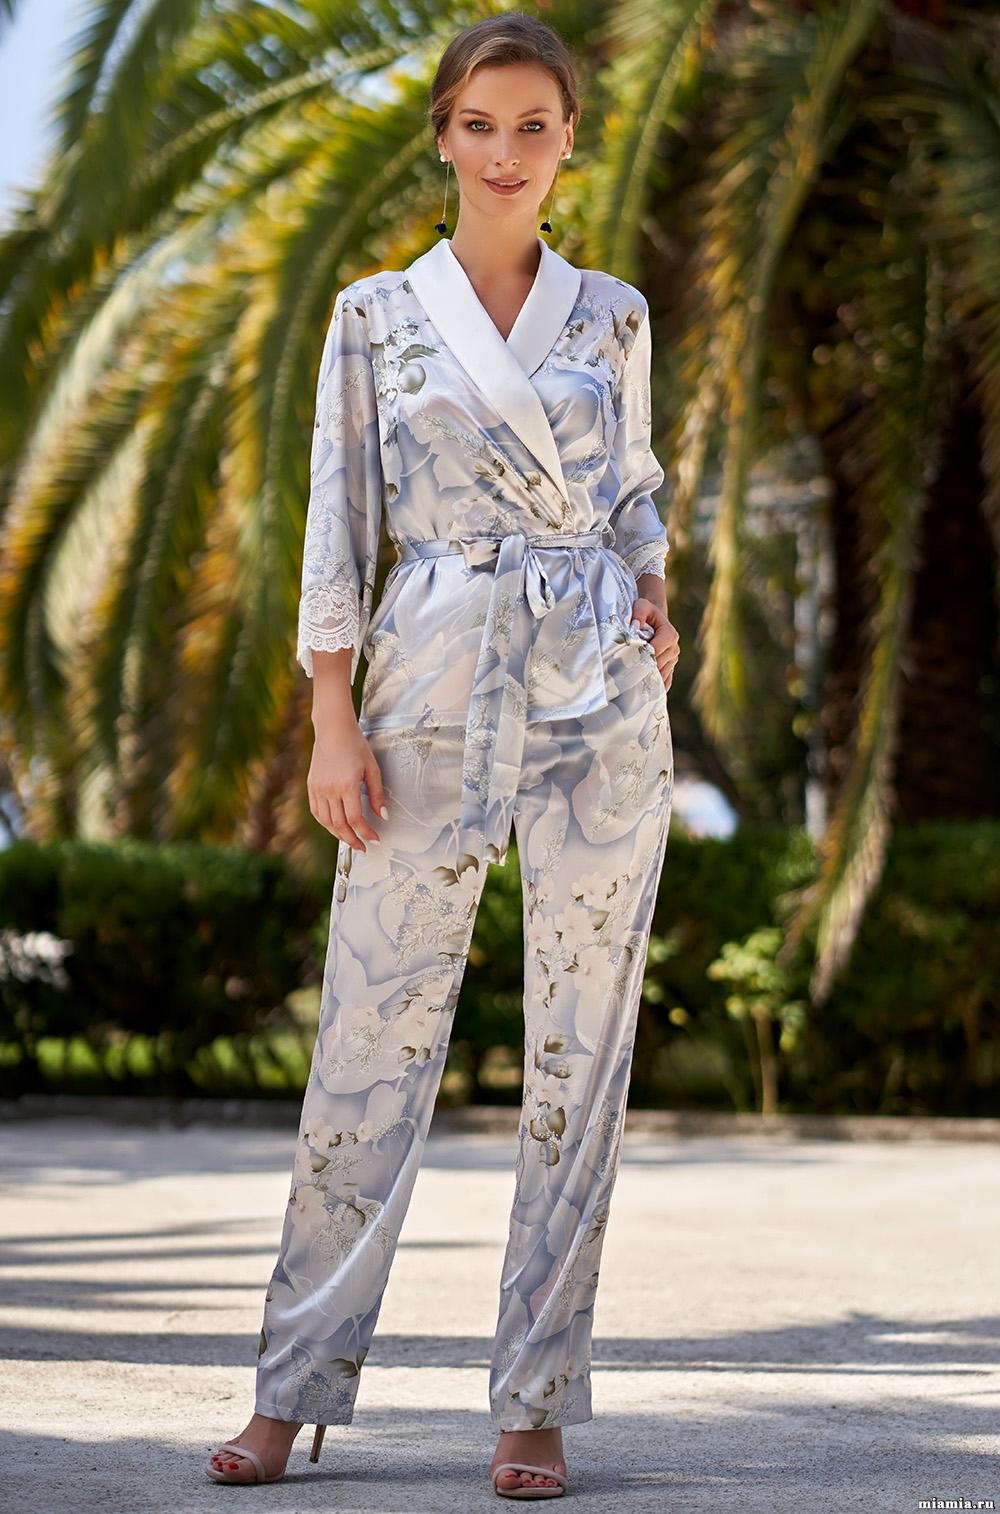 шелк натуральный Комплект домашний с брюками Mia-Amore NOVELLA  НОВЕЛЛА 3606 3606_5.jpg